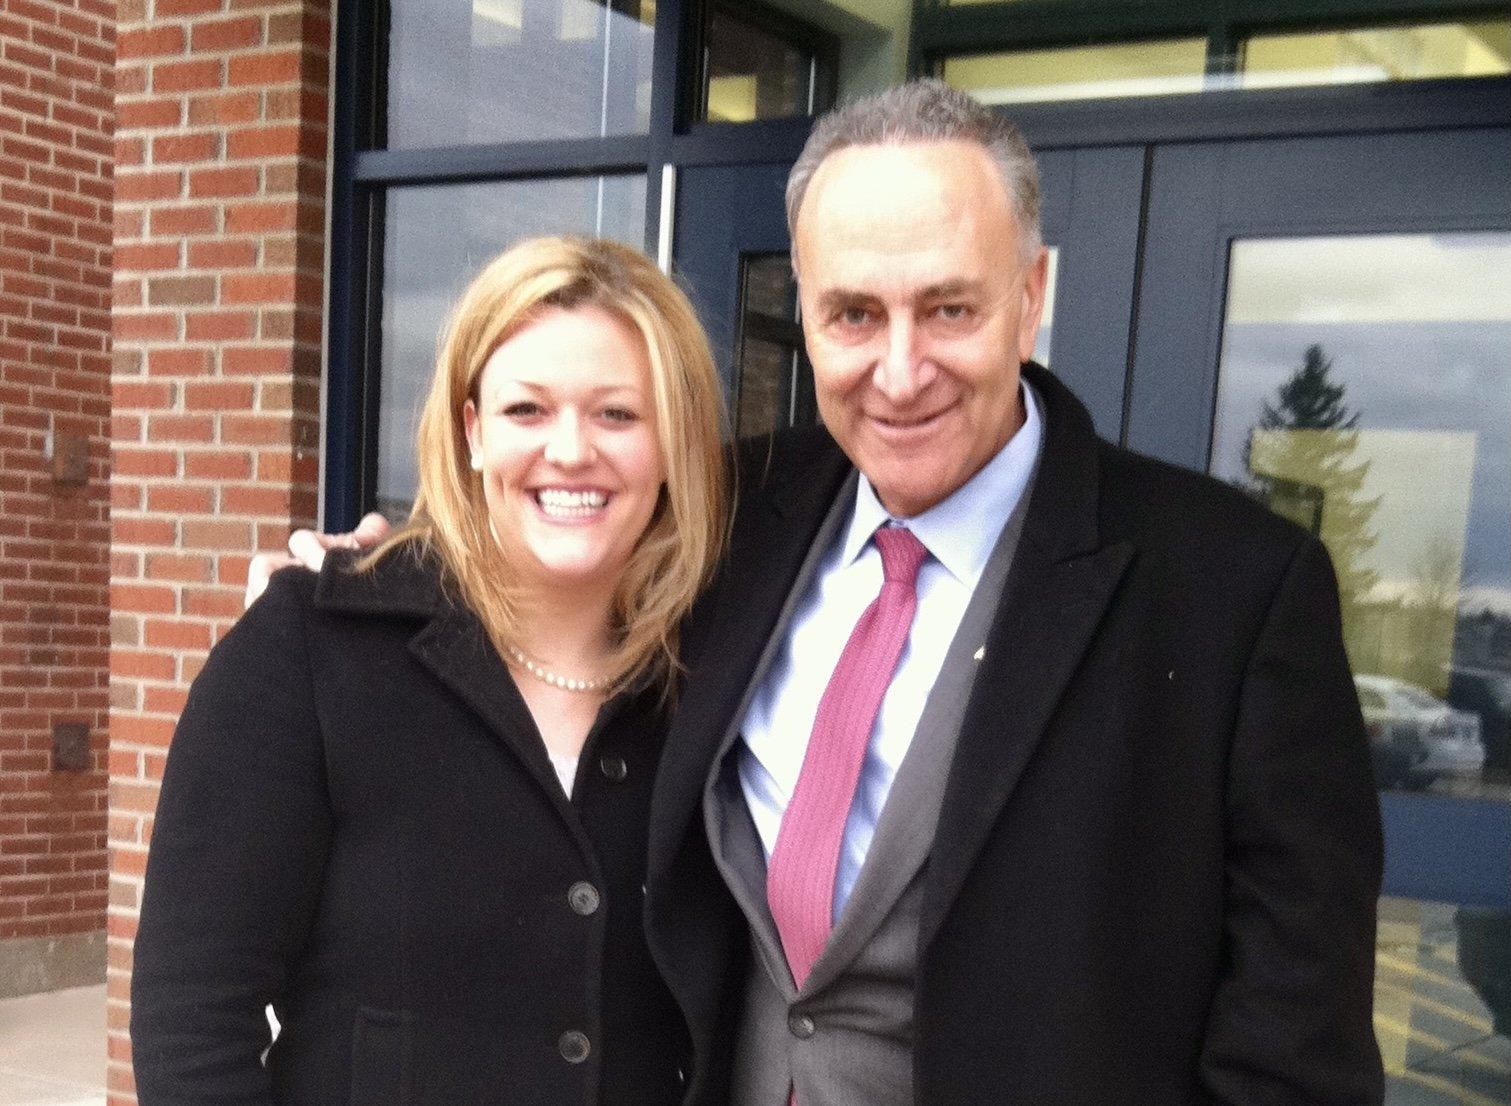 Julie and Senator Schumer